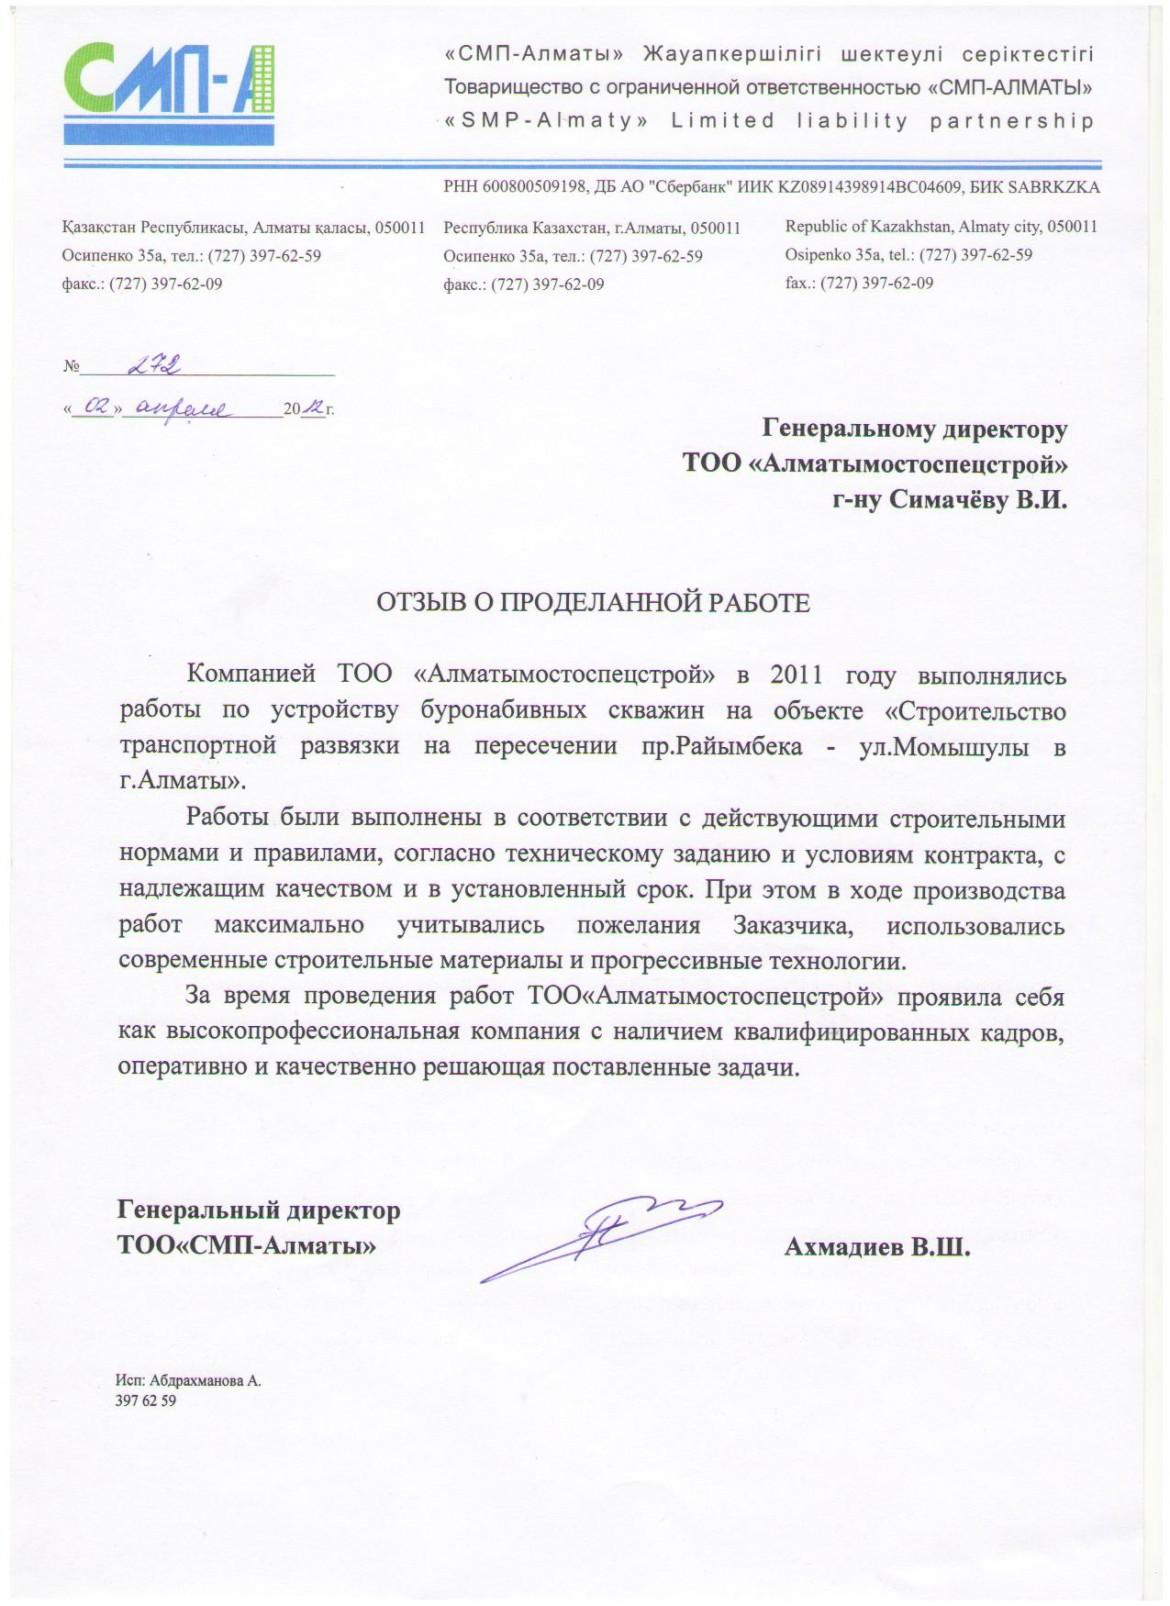 Отзыв от СМП Алматы